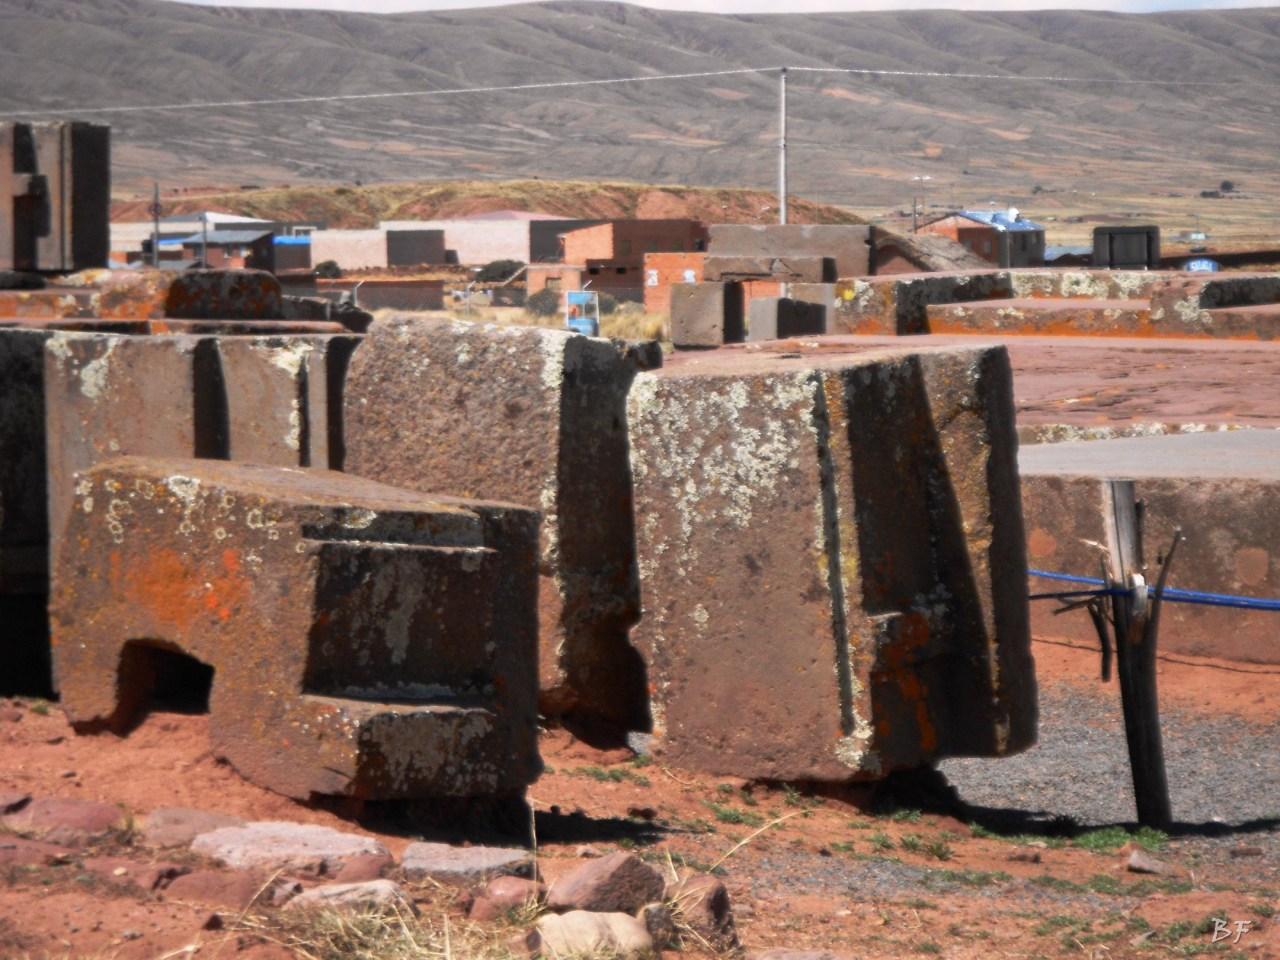 Puma-Punku-Area-Megalitica-Mura-Poligonali-Megaliti-Tiwanaku-Tiahuanaco-Bolivia-28